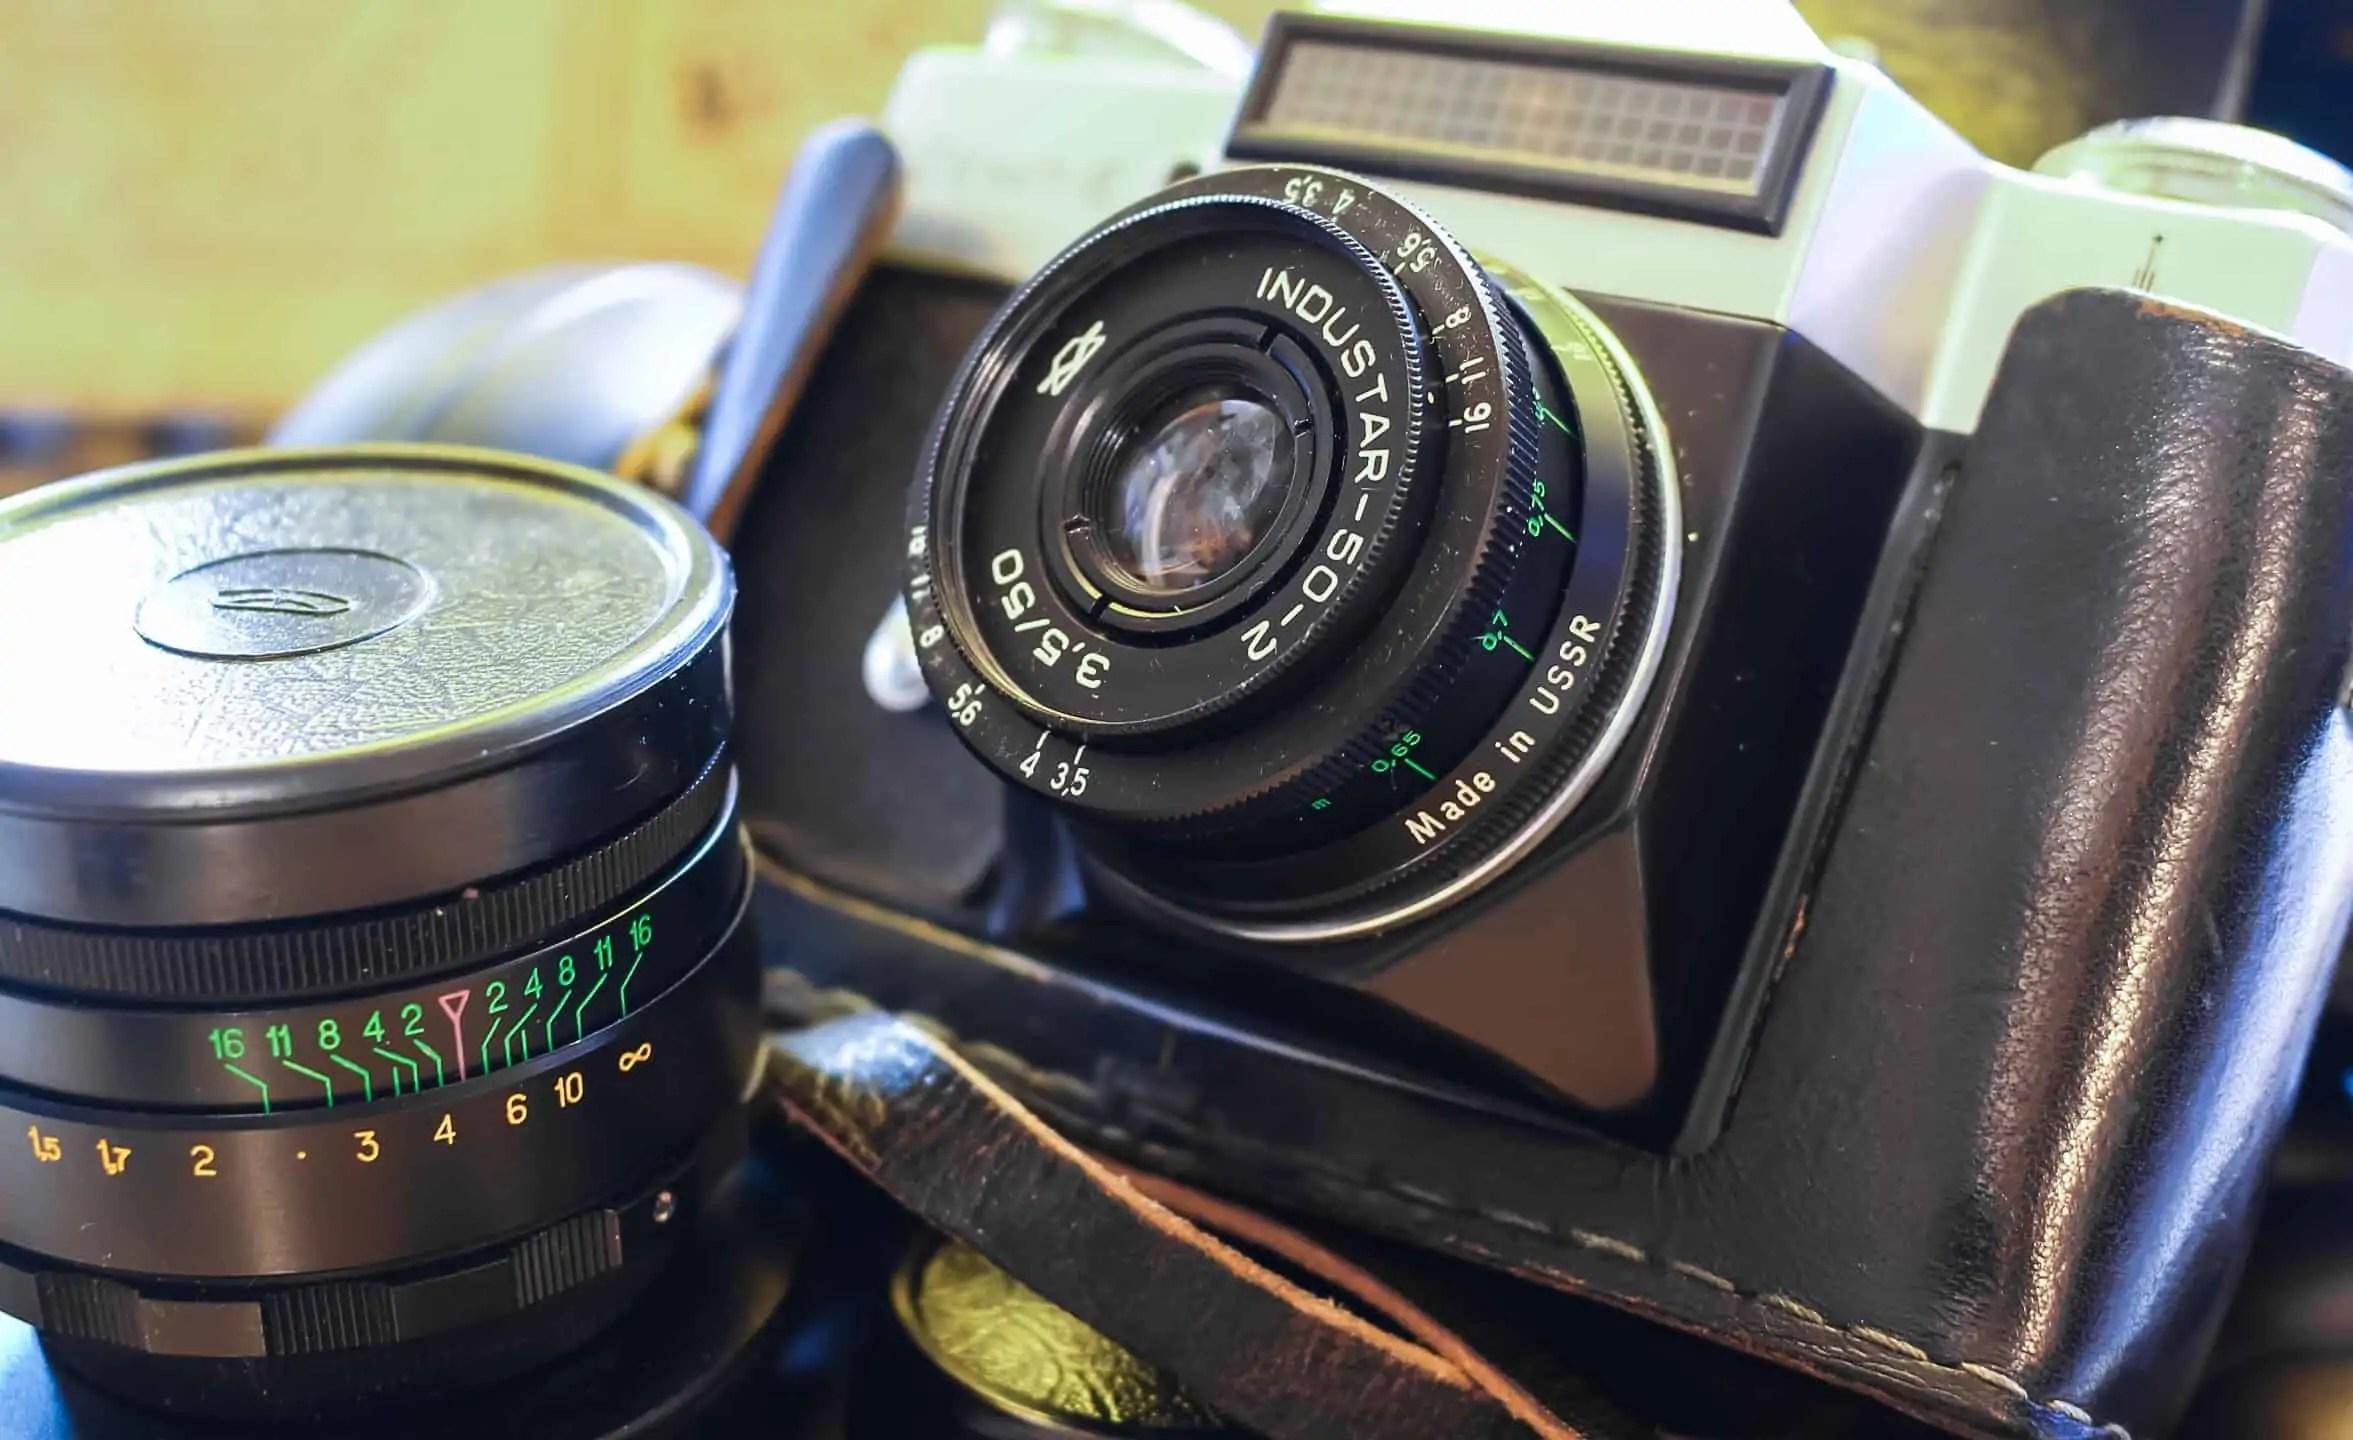 Fotografia produktu w aranżacji 12 - Najlepszy prezent dla fotografa jest darmowy. Resztę kupisz do 100 pln